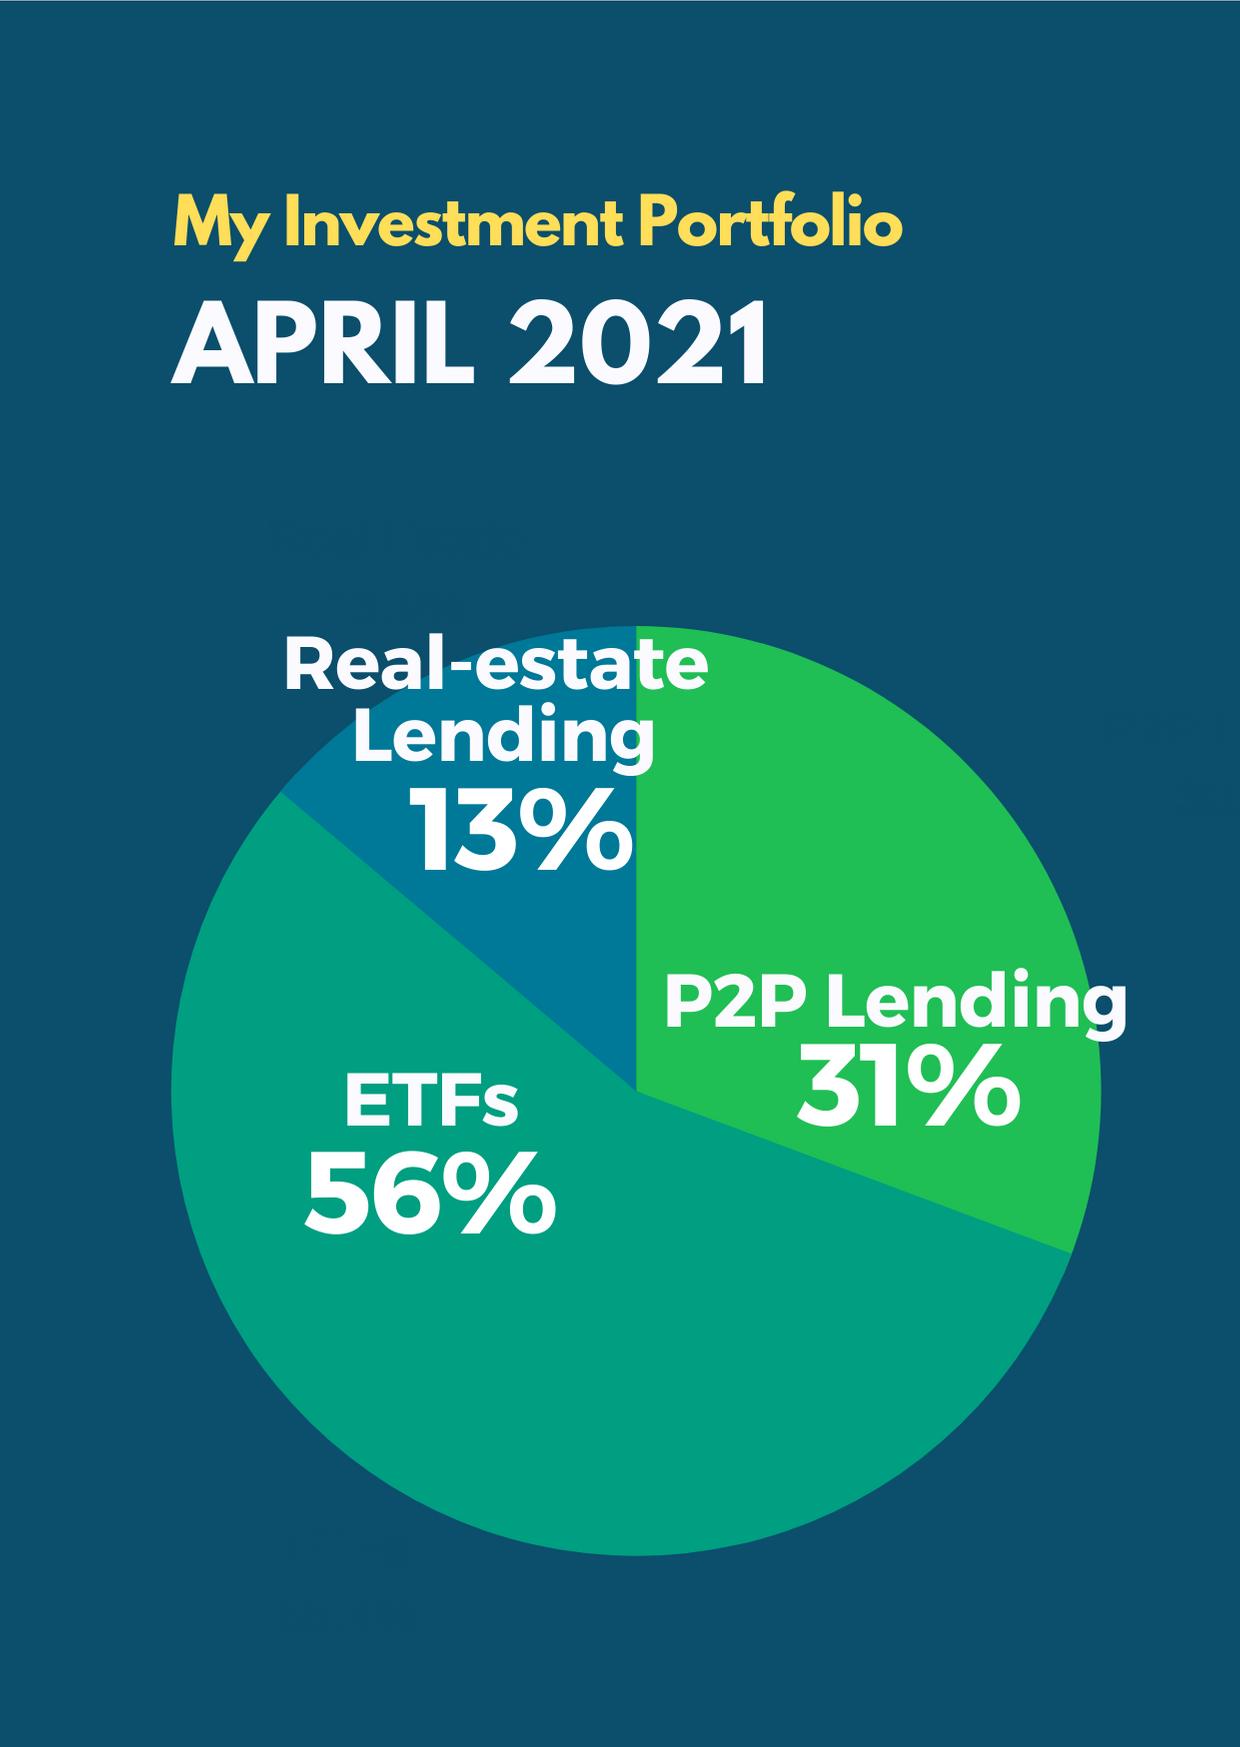 April 2021 Passive Income Investment Portfolio